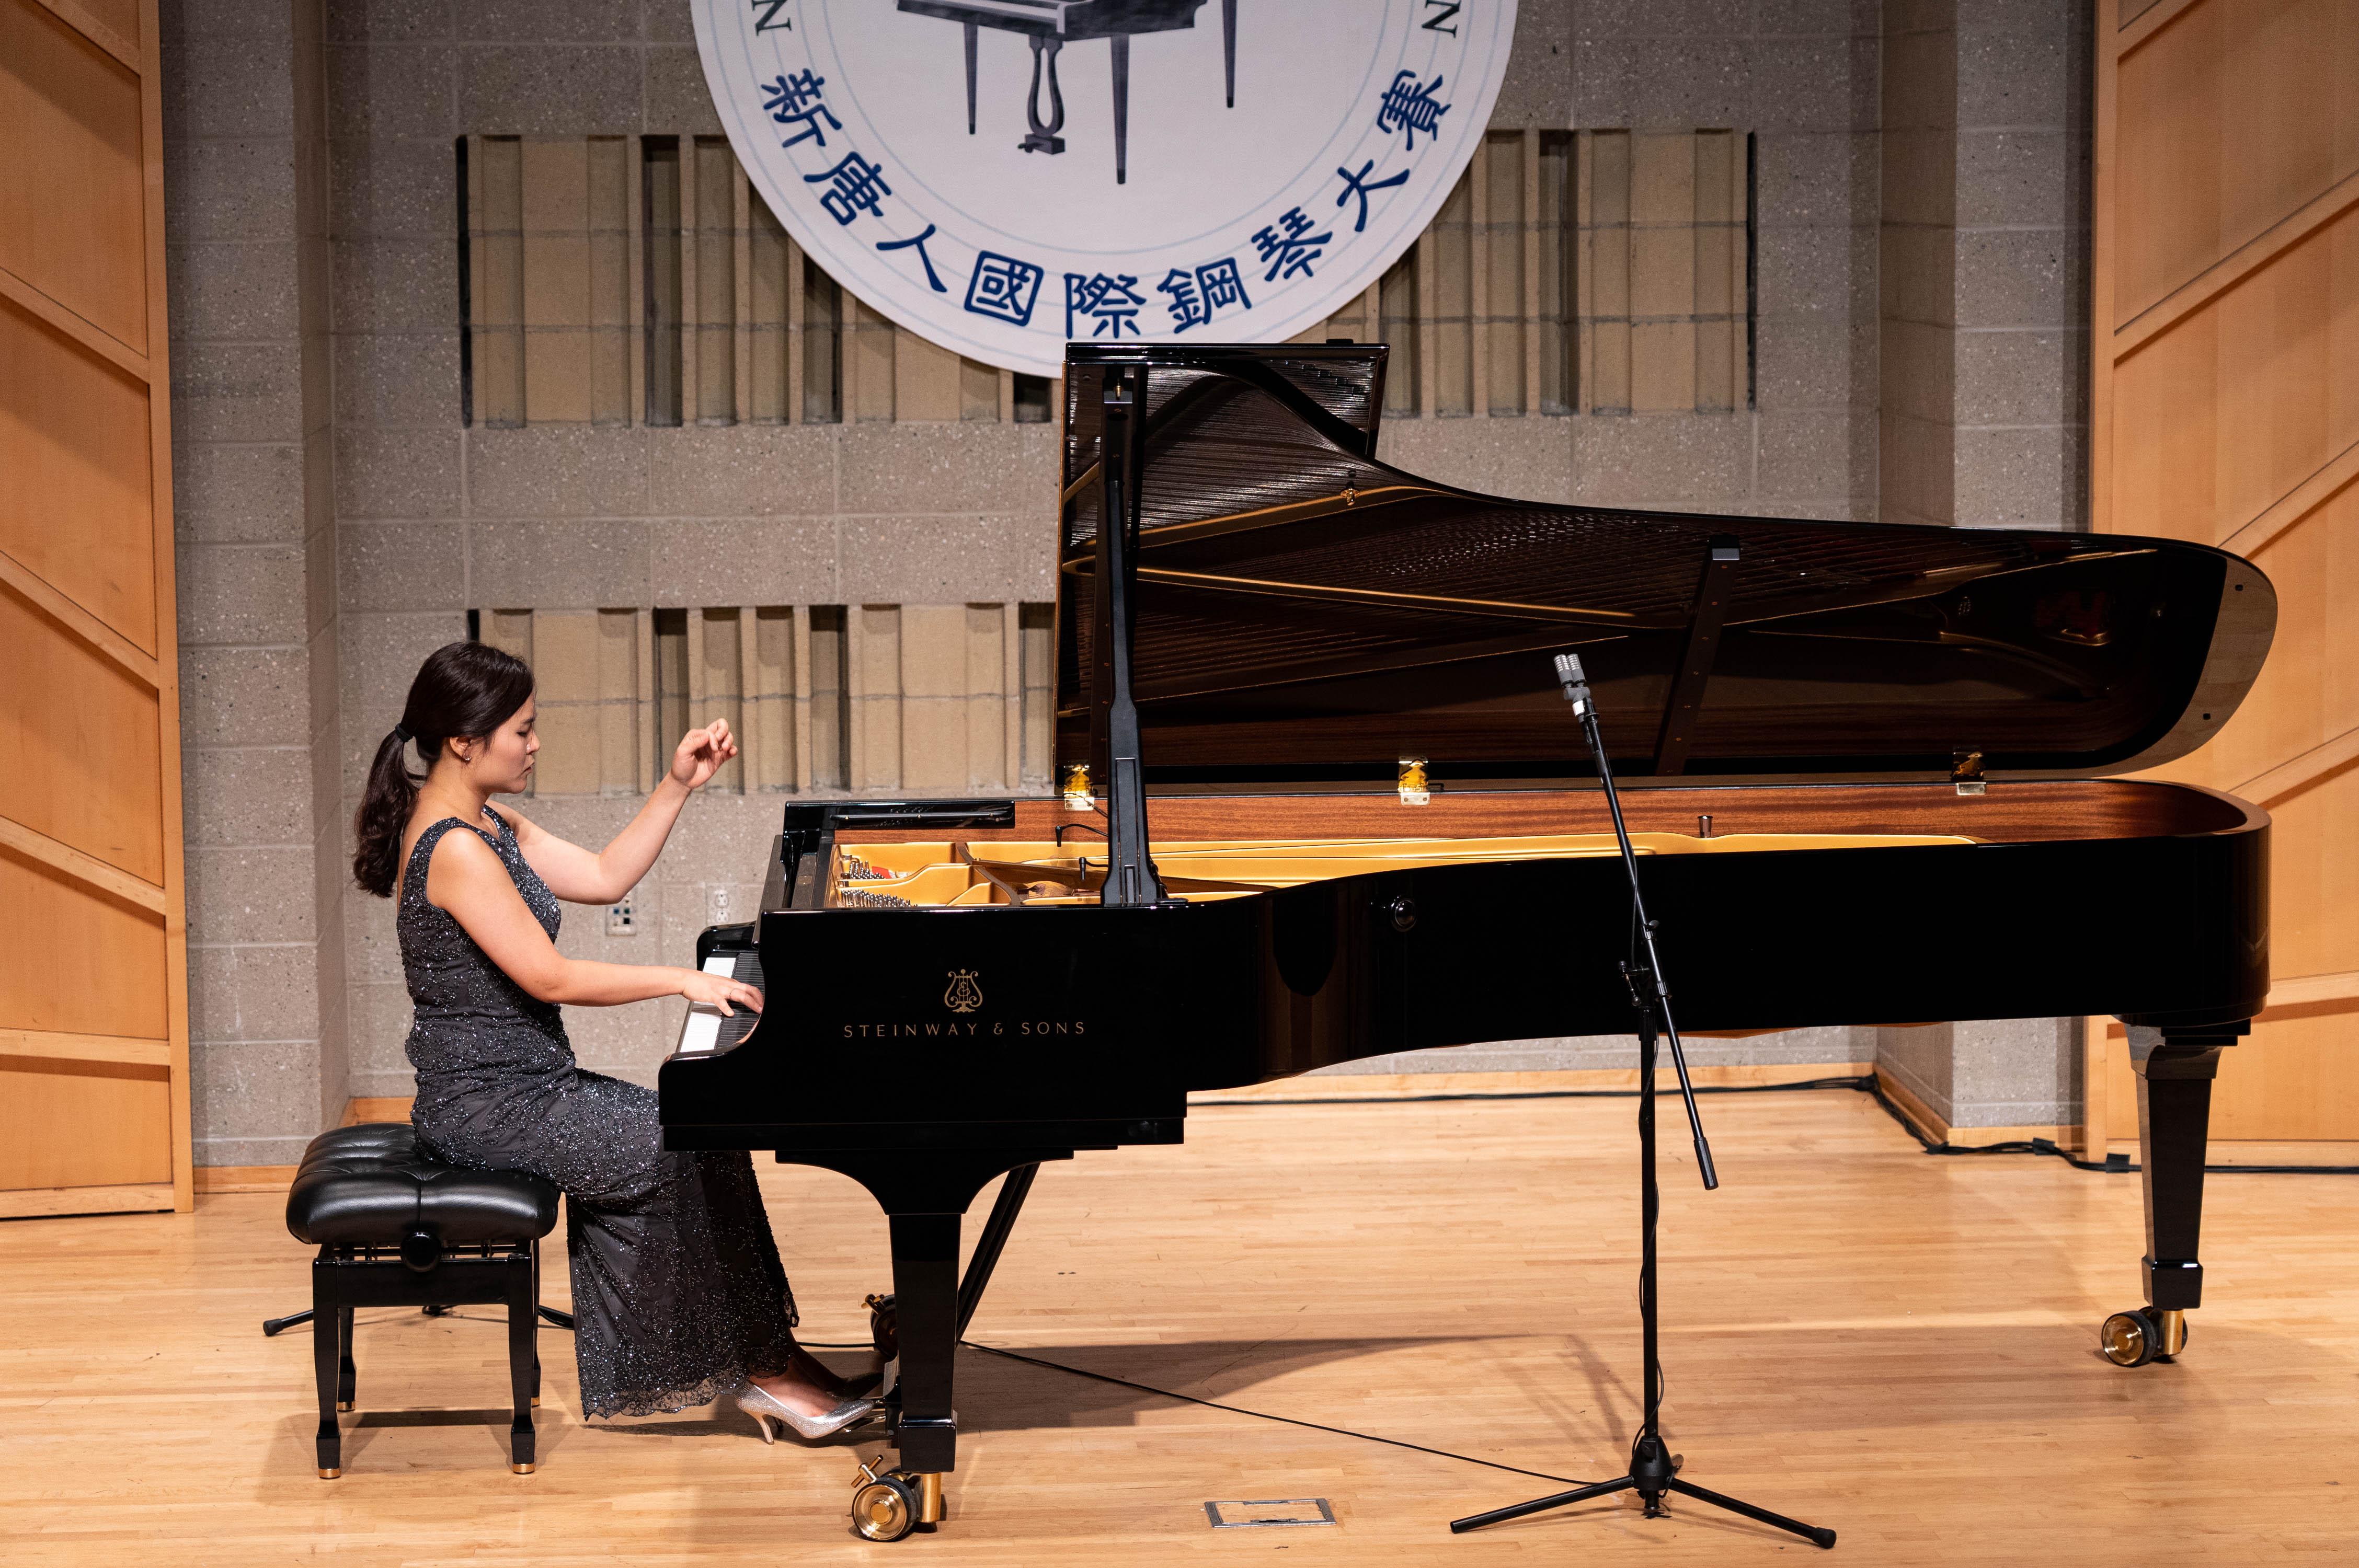 9月28日,2019第五屆新唐人國際鋼琴大賽決賽。南韓選手李祥僖(shanghie Lee)贏得本次大賽的銅獎。(戴兵/大紀元)